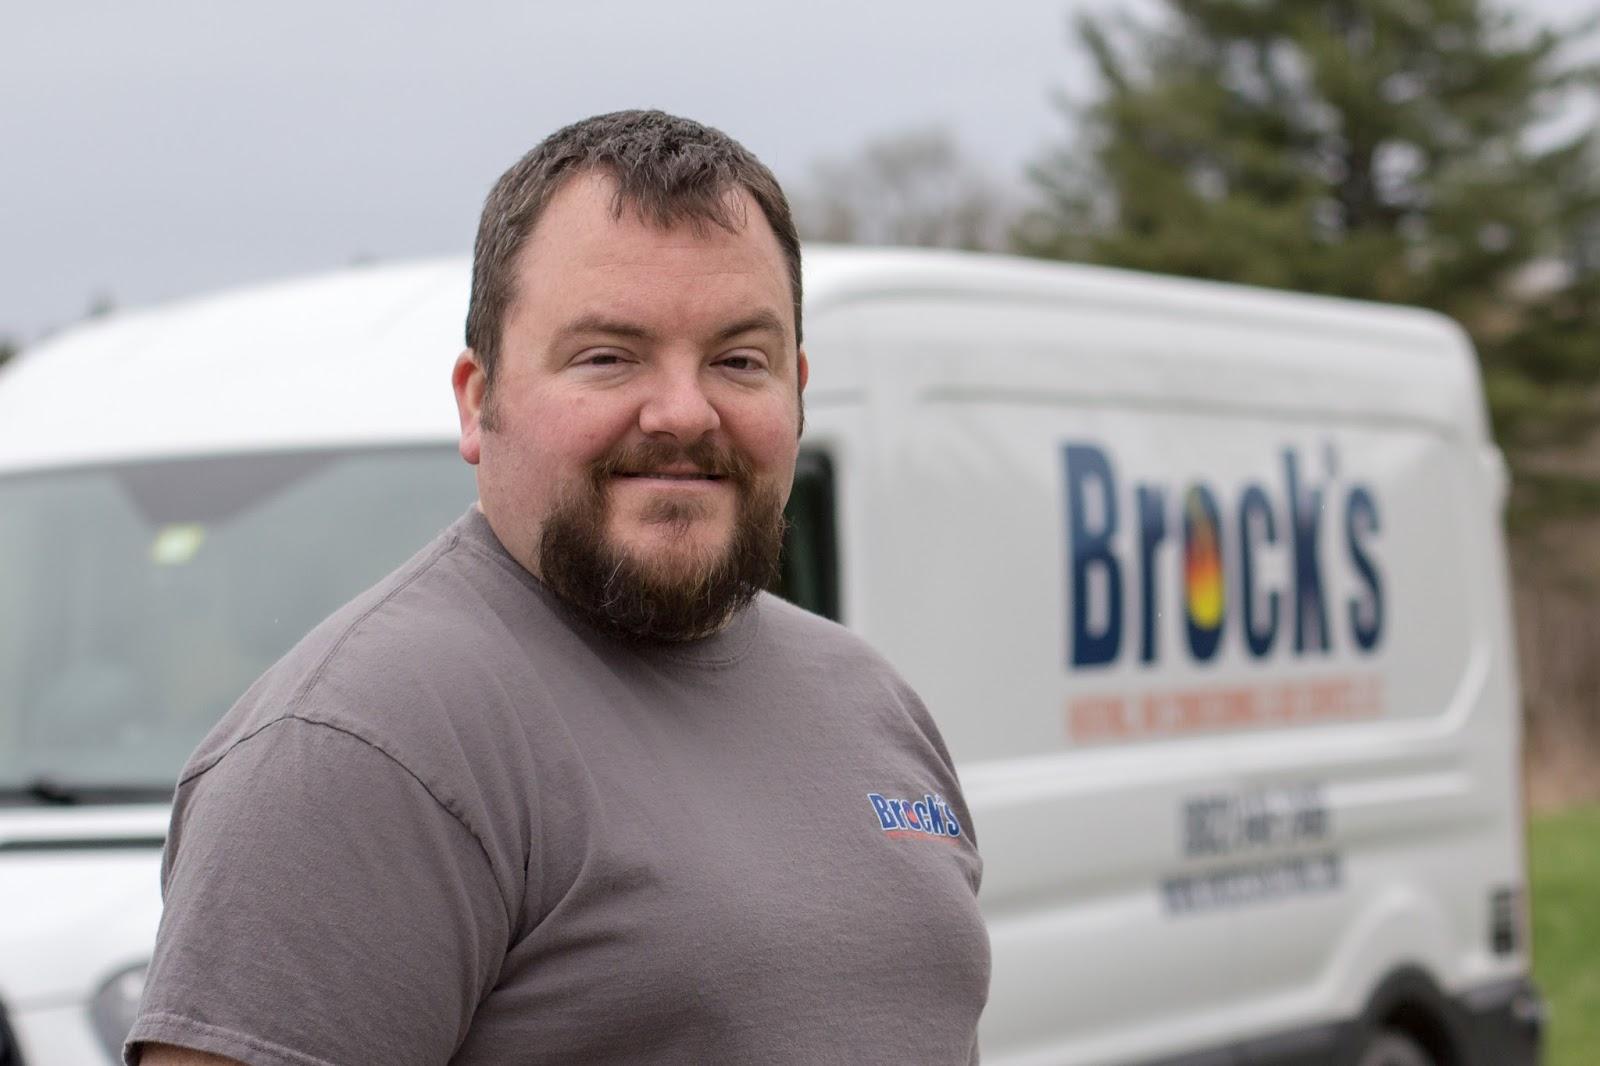 Sean Brock, Owner of Brock's Heating